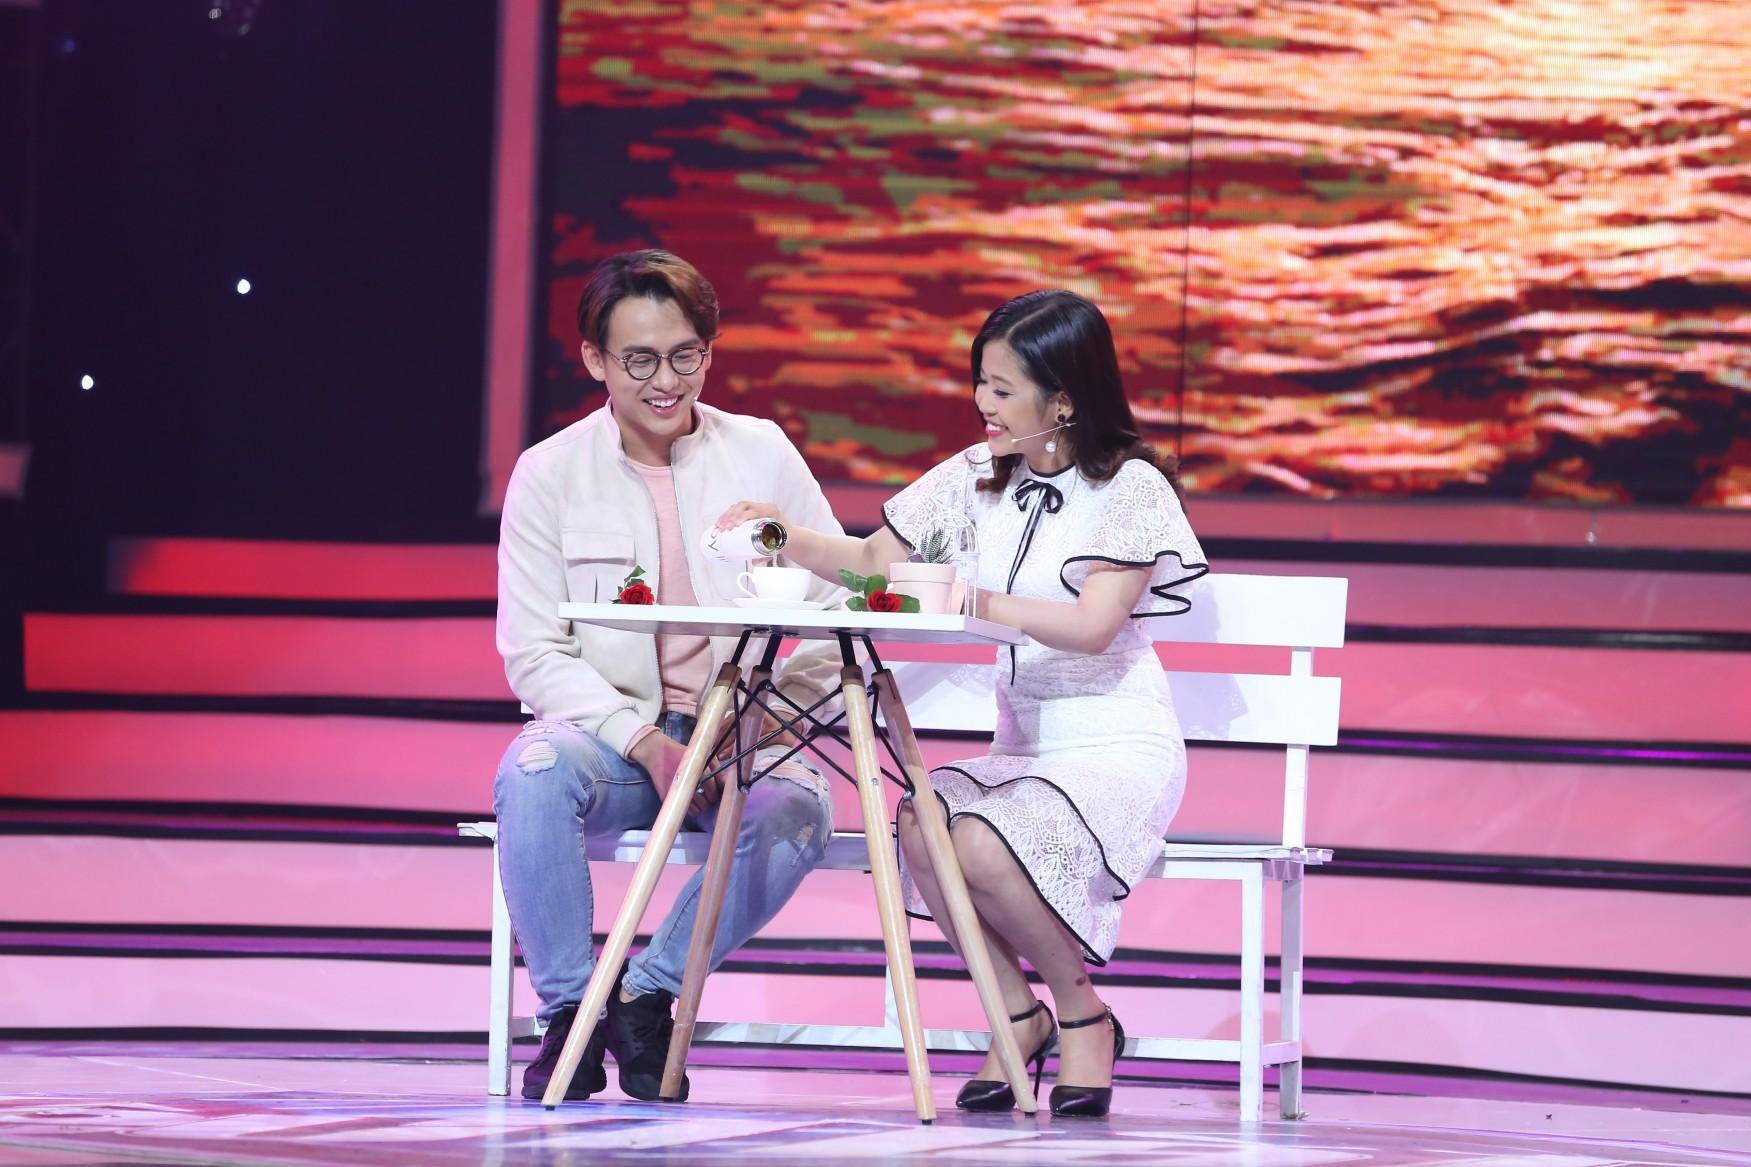 Hot girl Vì yêu mà đến tỏ tình thành công: Mình và anh Quang Bảo hạn chế gặp mặt nhưng luôn tạo bất ngờ - Ảnh 2.